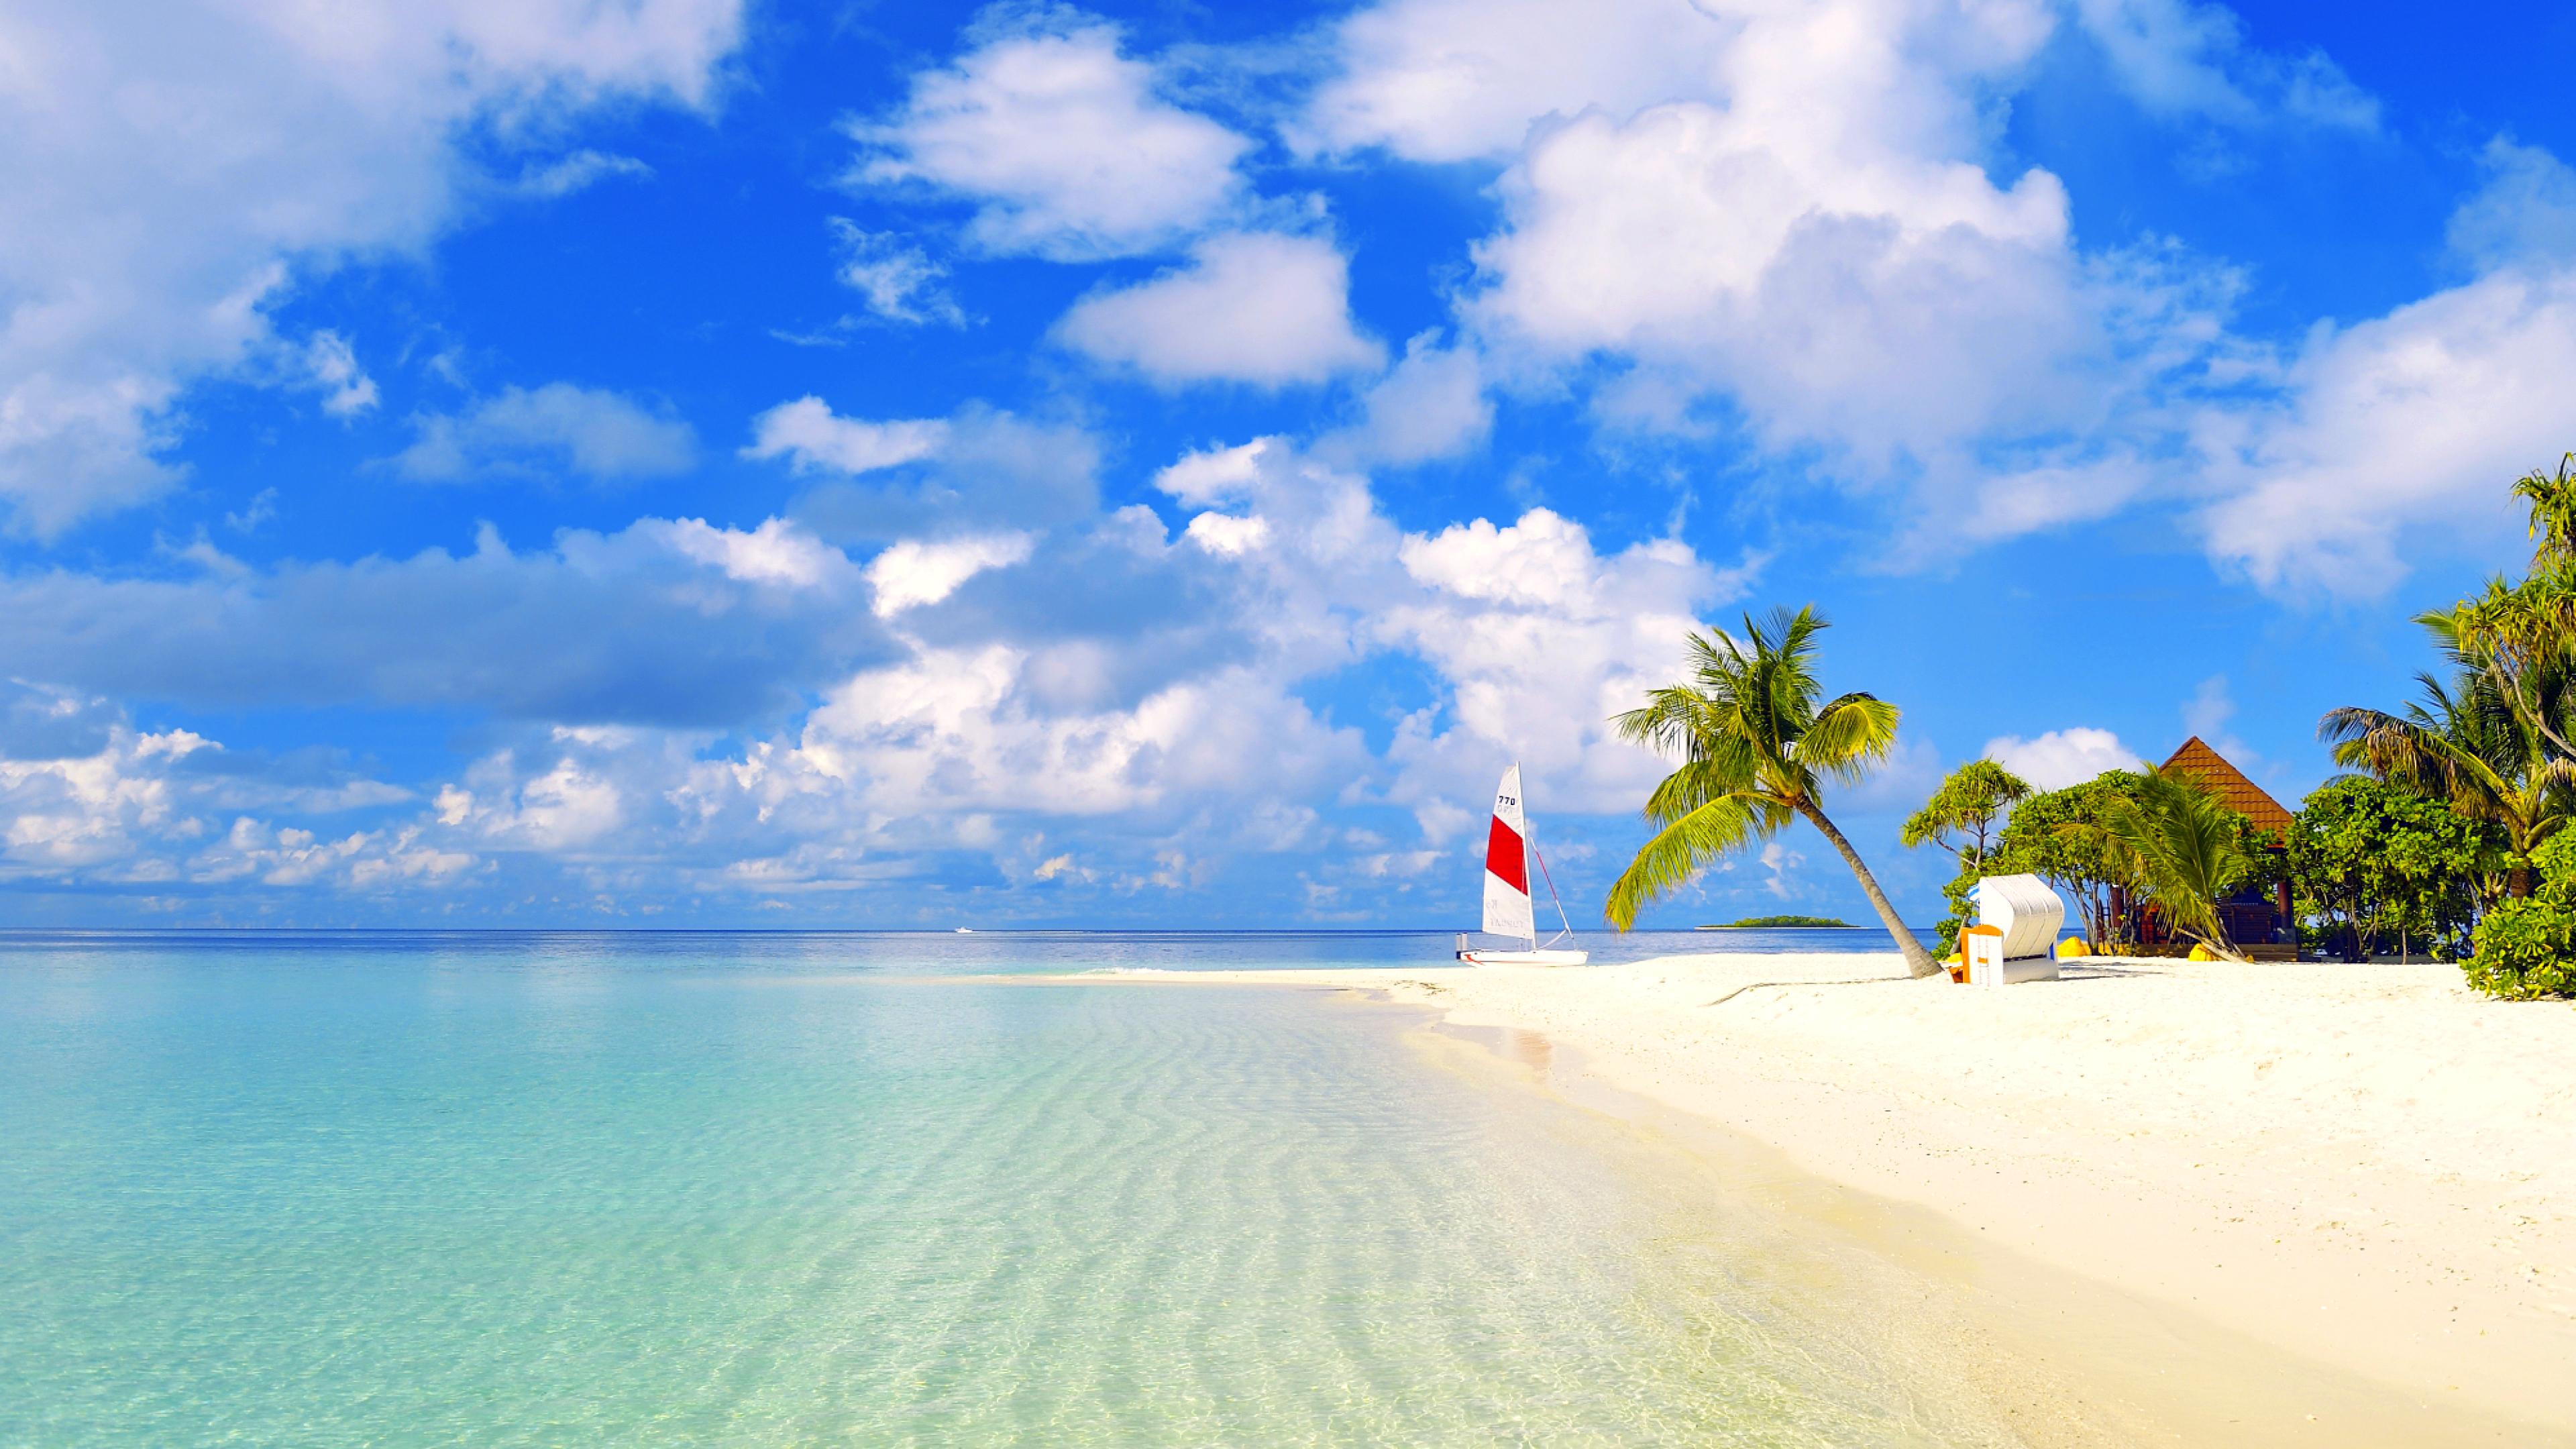 природа песок пляж дома море пальмы  № 3778441  скачать